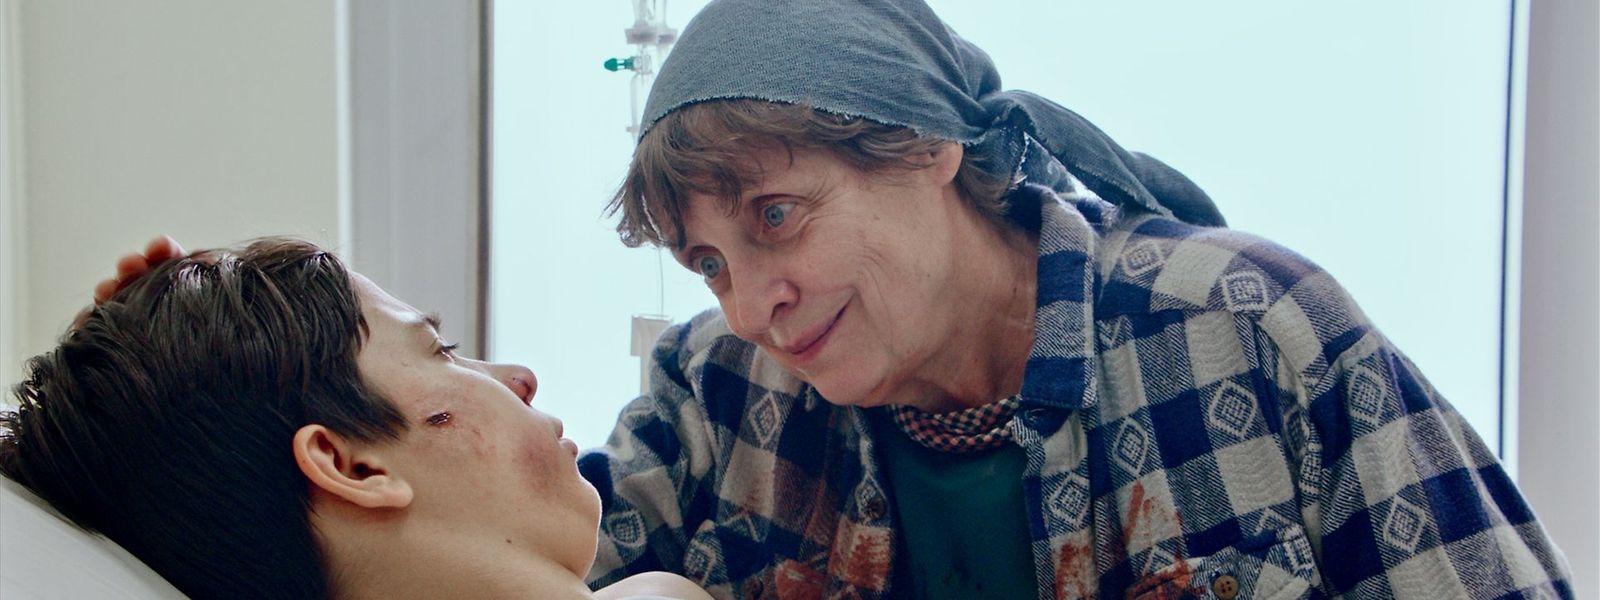 Katharina Thalbach (r.) spielt in Sandstern Anna, die sich liebevoll um Oktay kümmert.